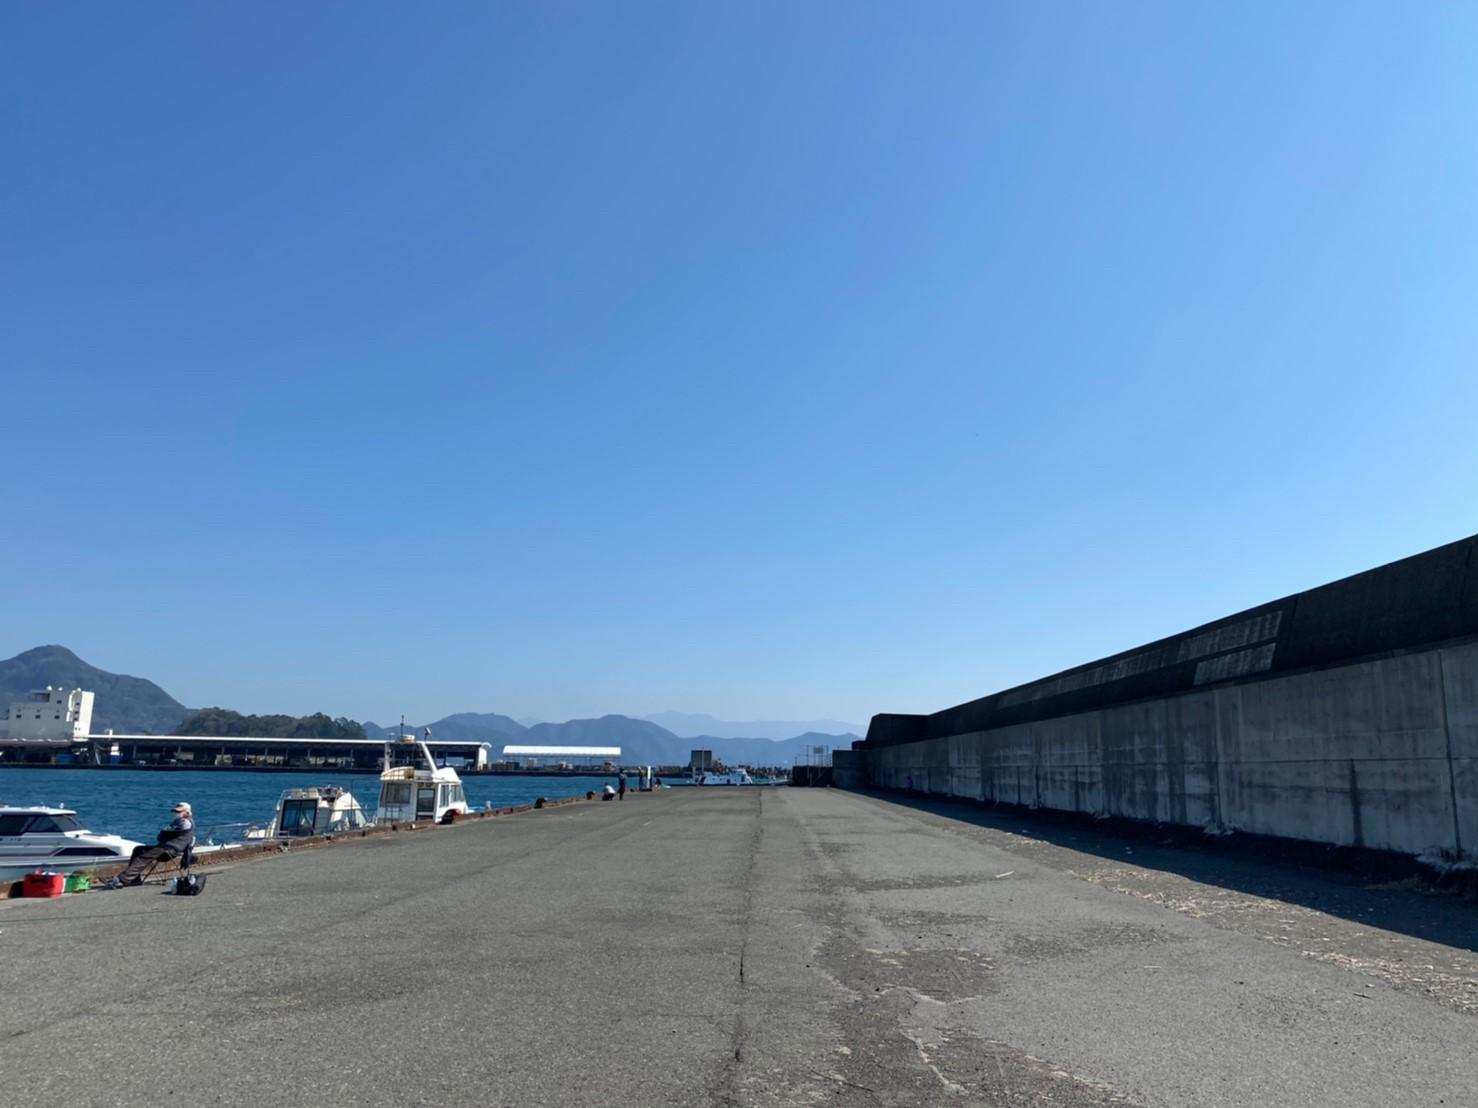 【沼津市】『沼津港』の海釣りガイド(釣れる魚・駐車場・トイレ)